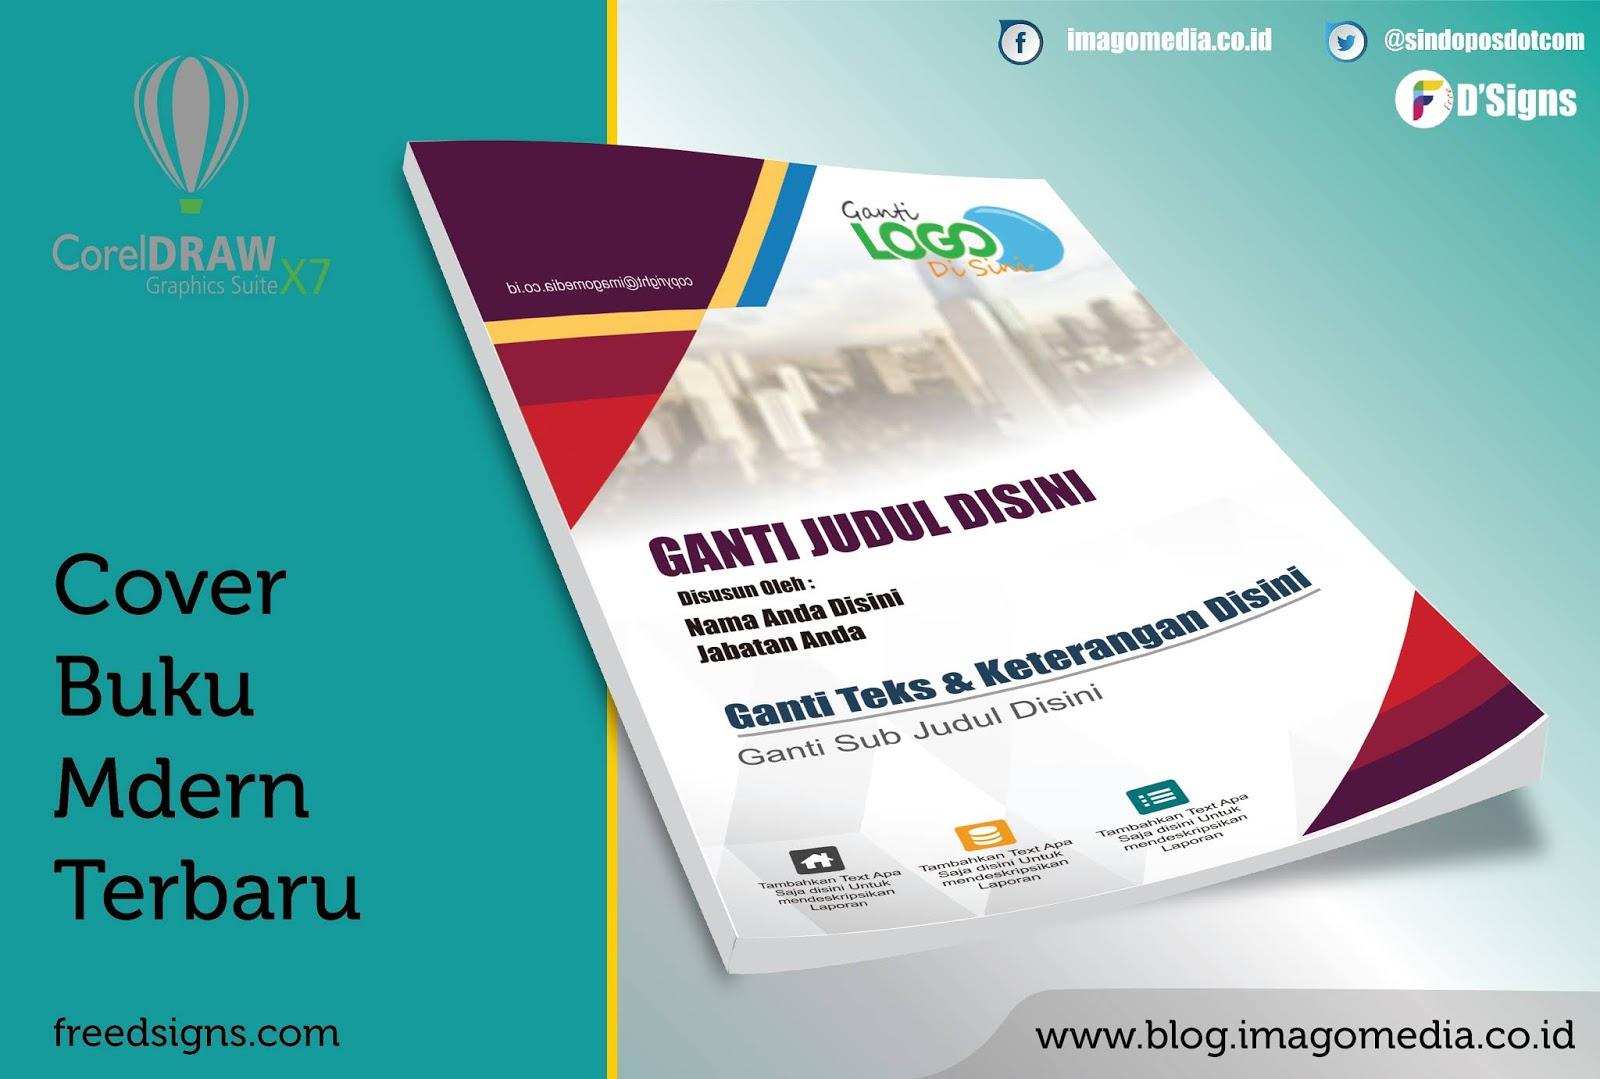 Download Desain Cover Buku Corel Draw Modern Terbaru Imago Media Home Of Creativity